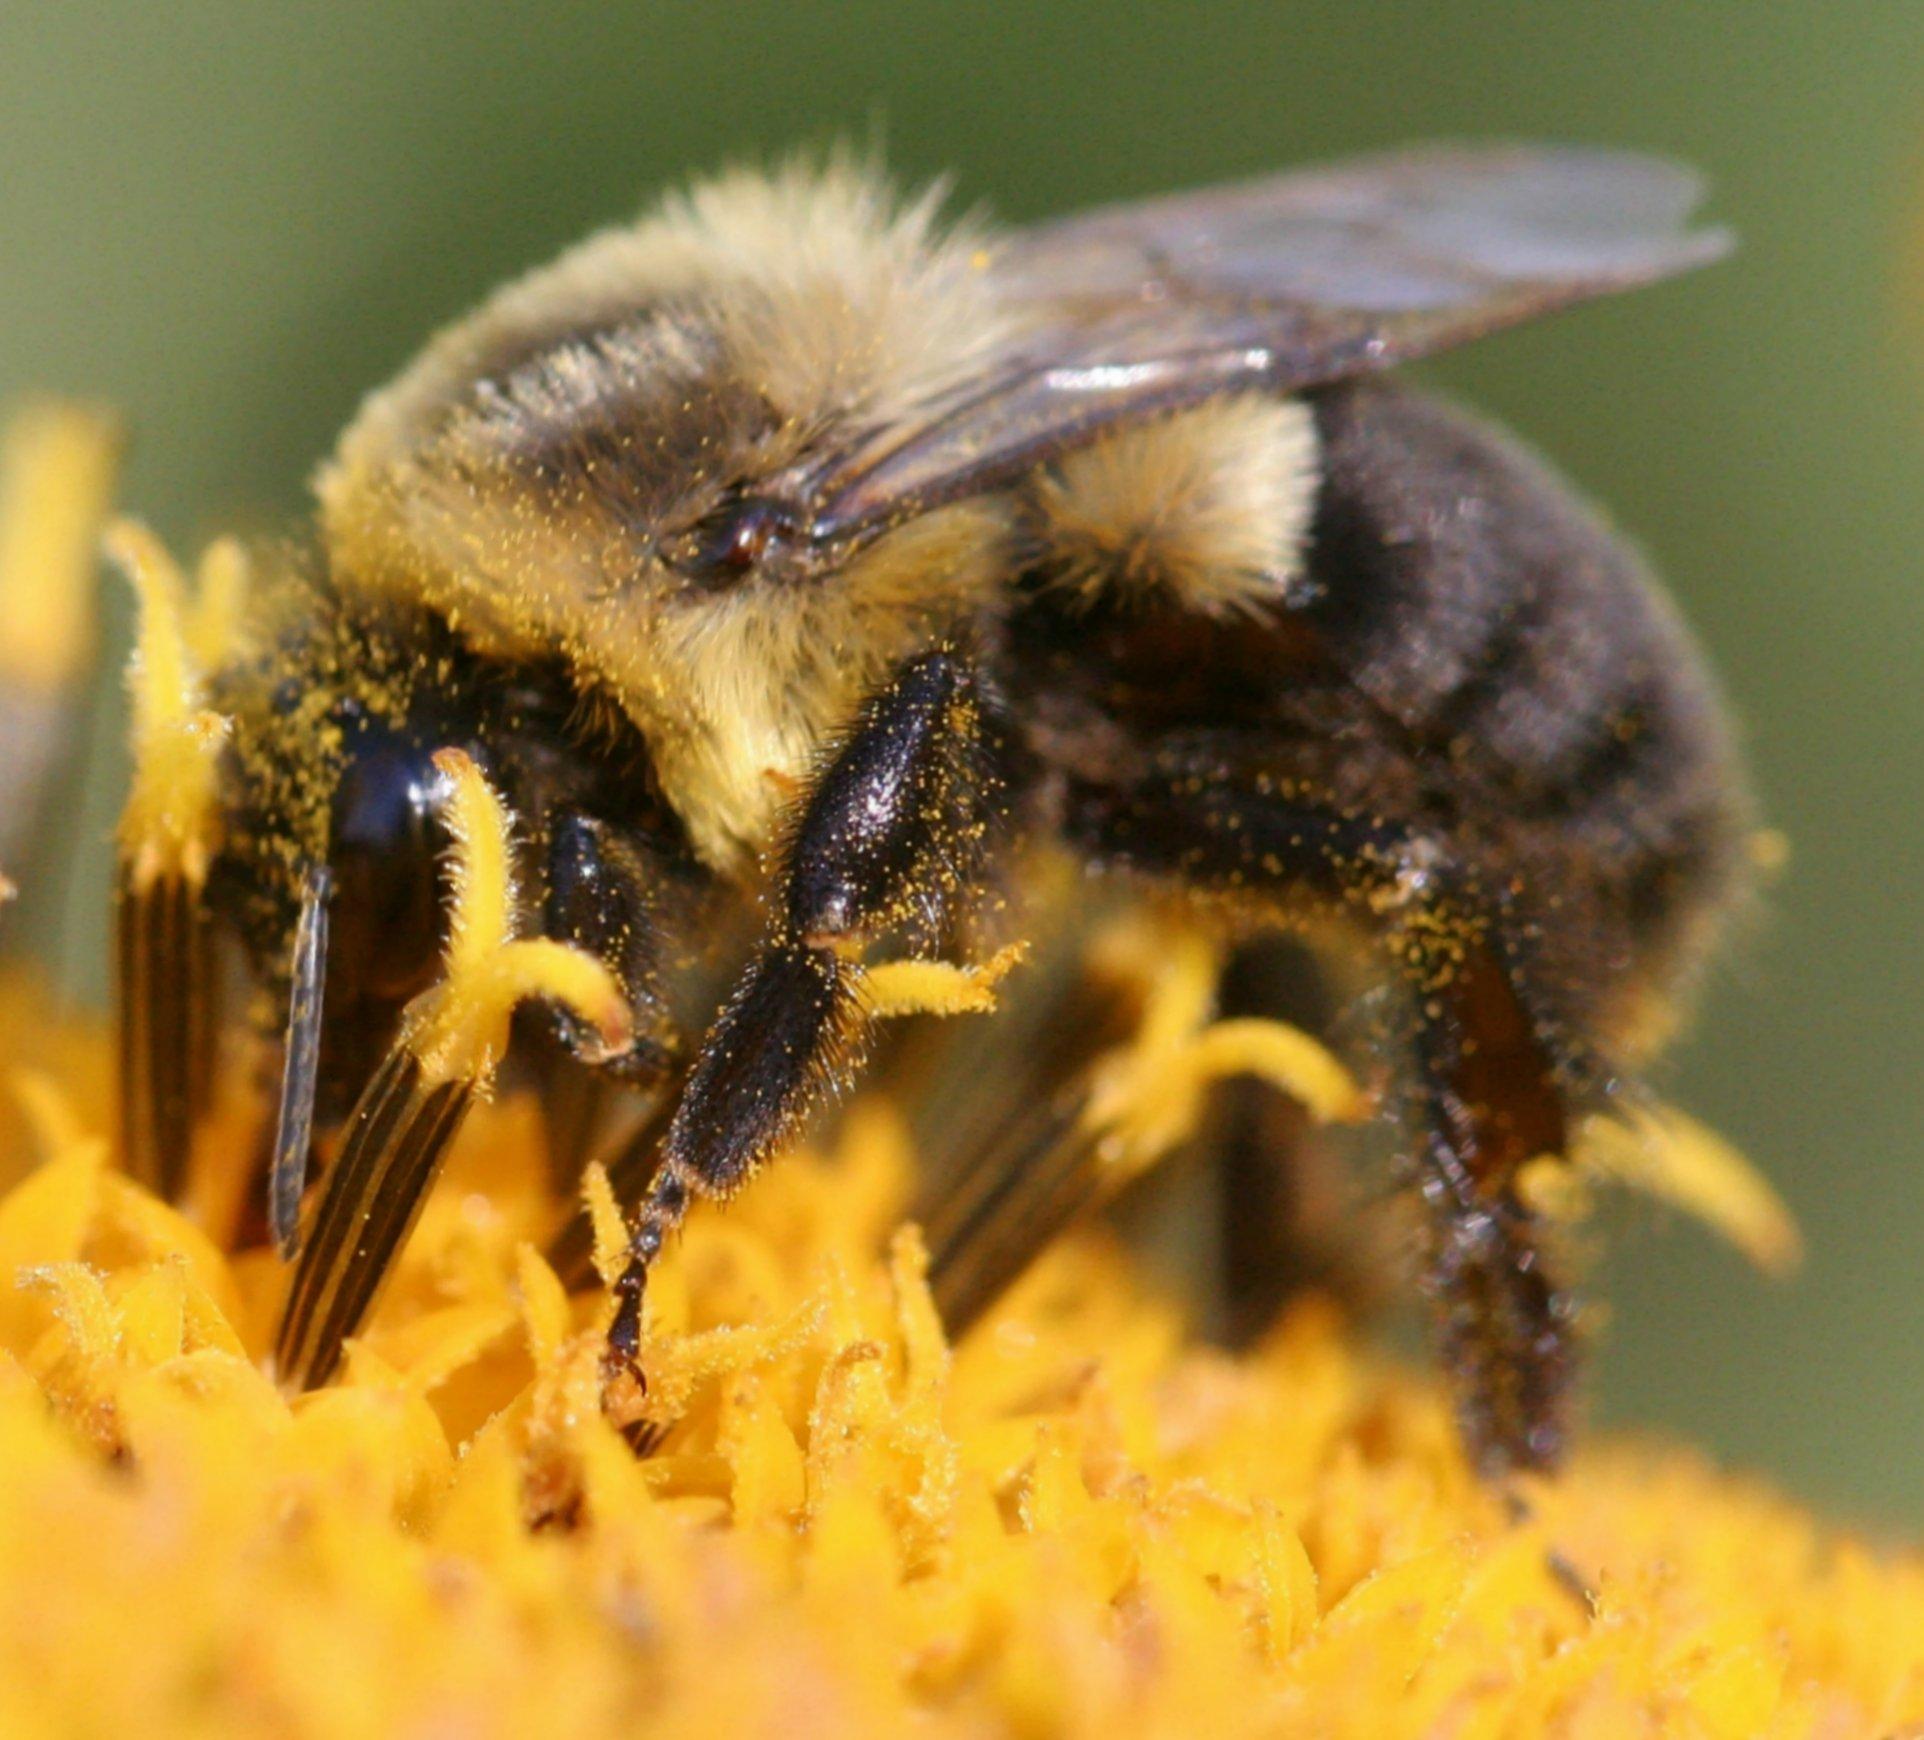 Пчелиный укус в любовном гнездышке 22 фотография